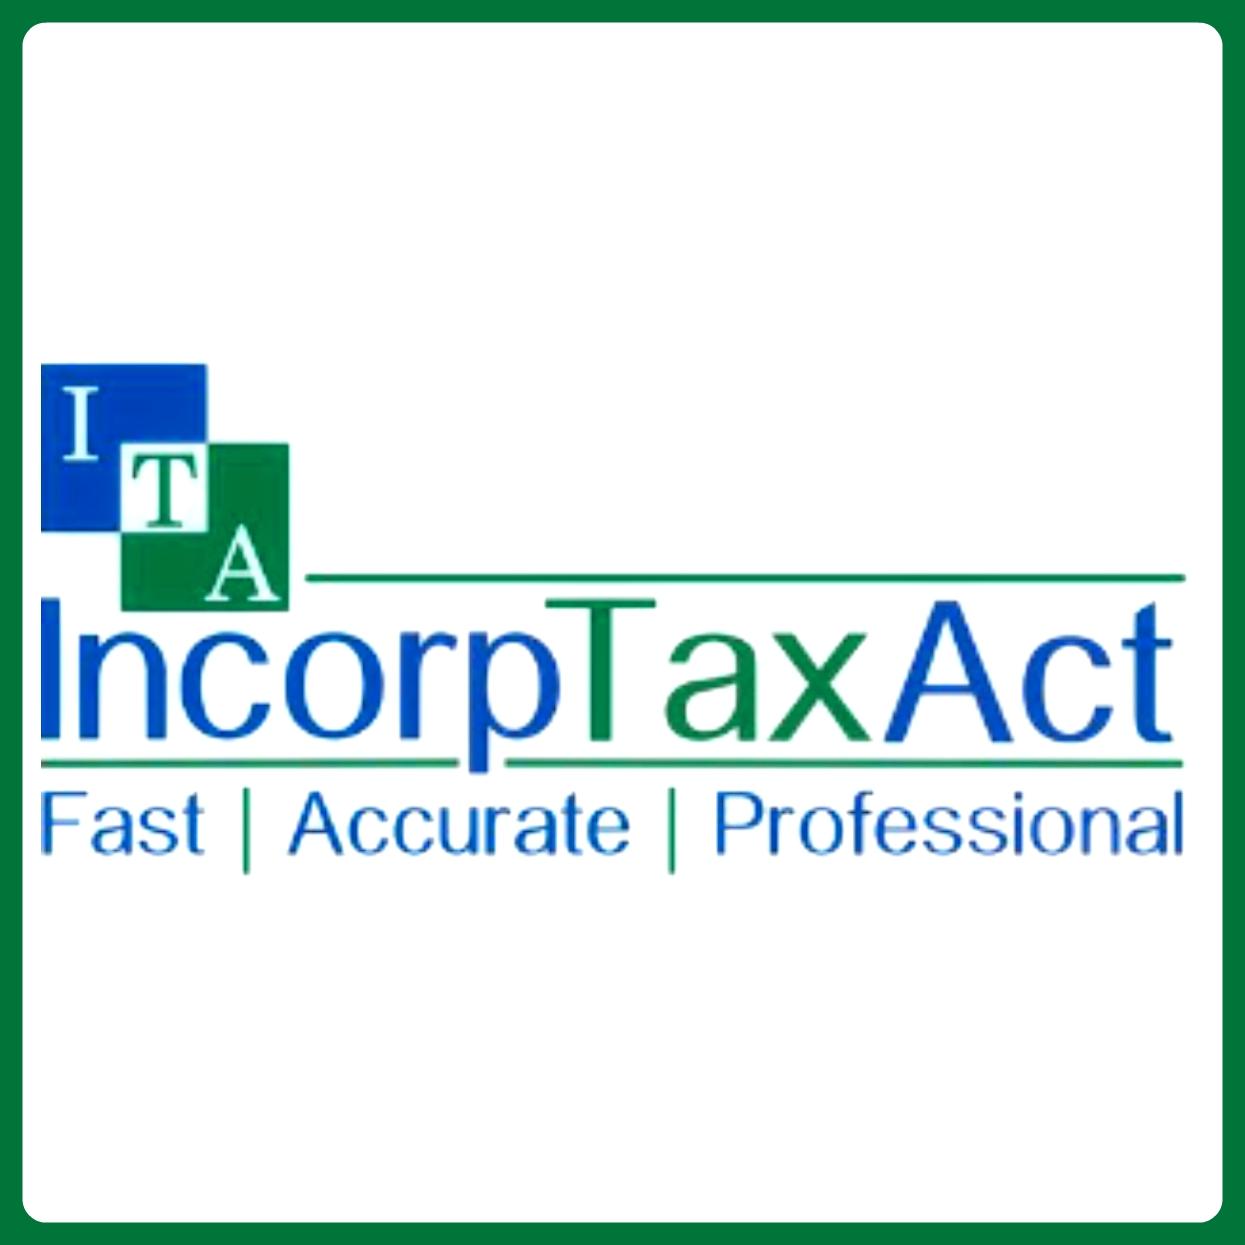 IncorpTaxAct, LLC